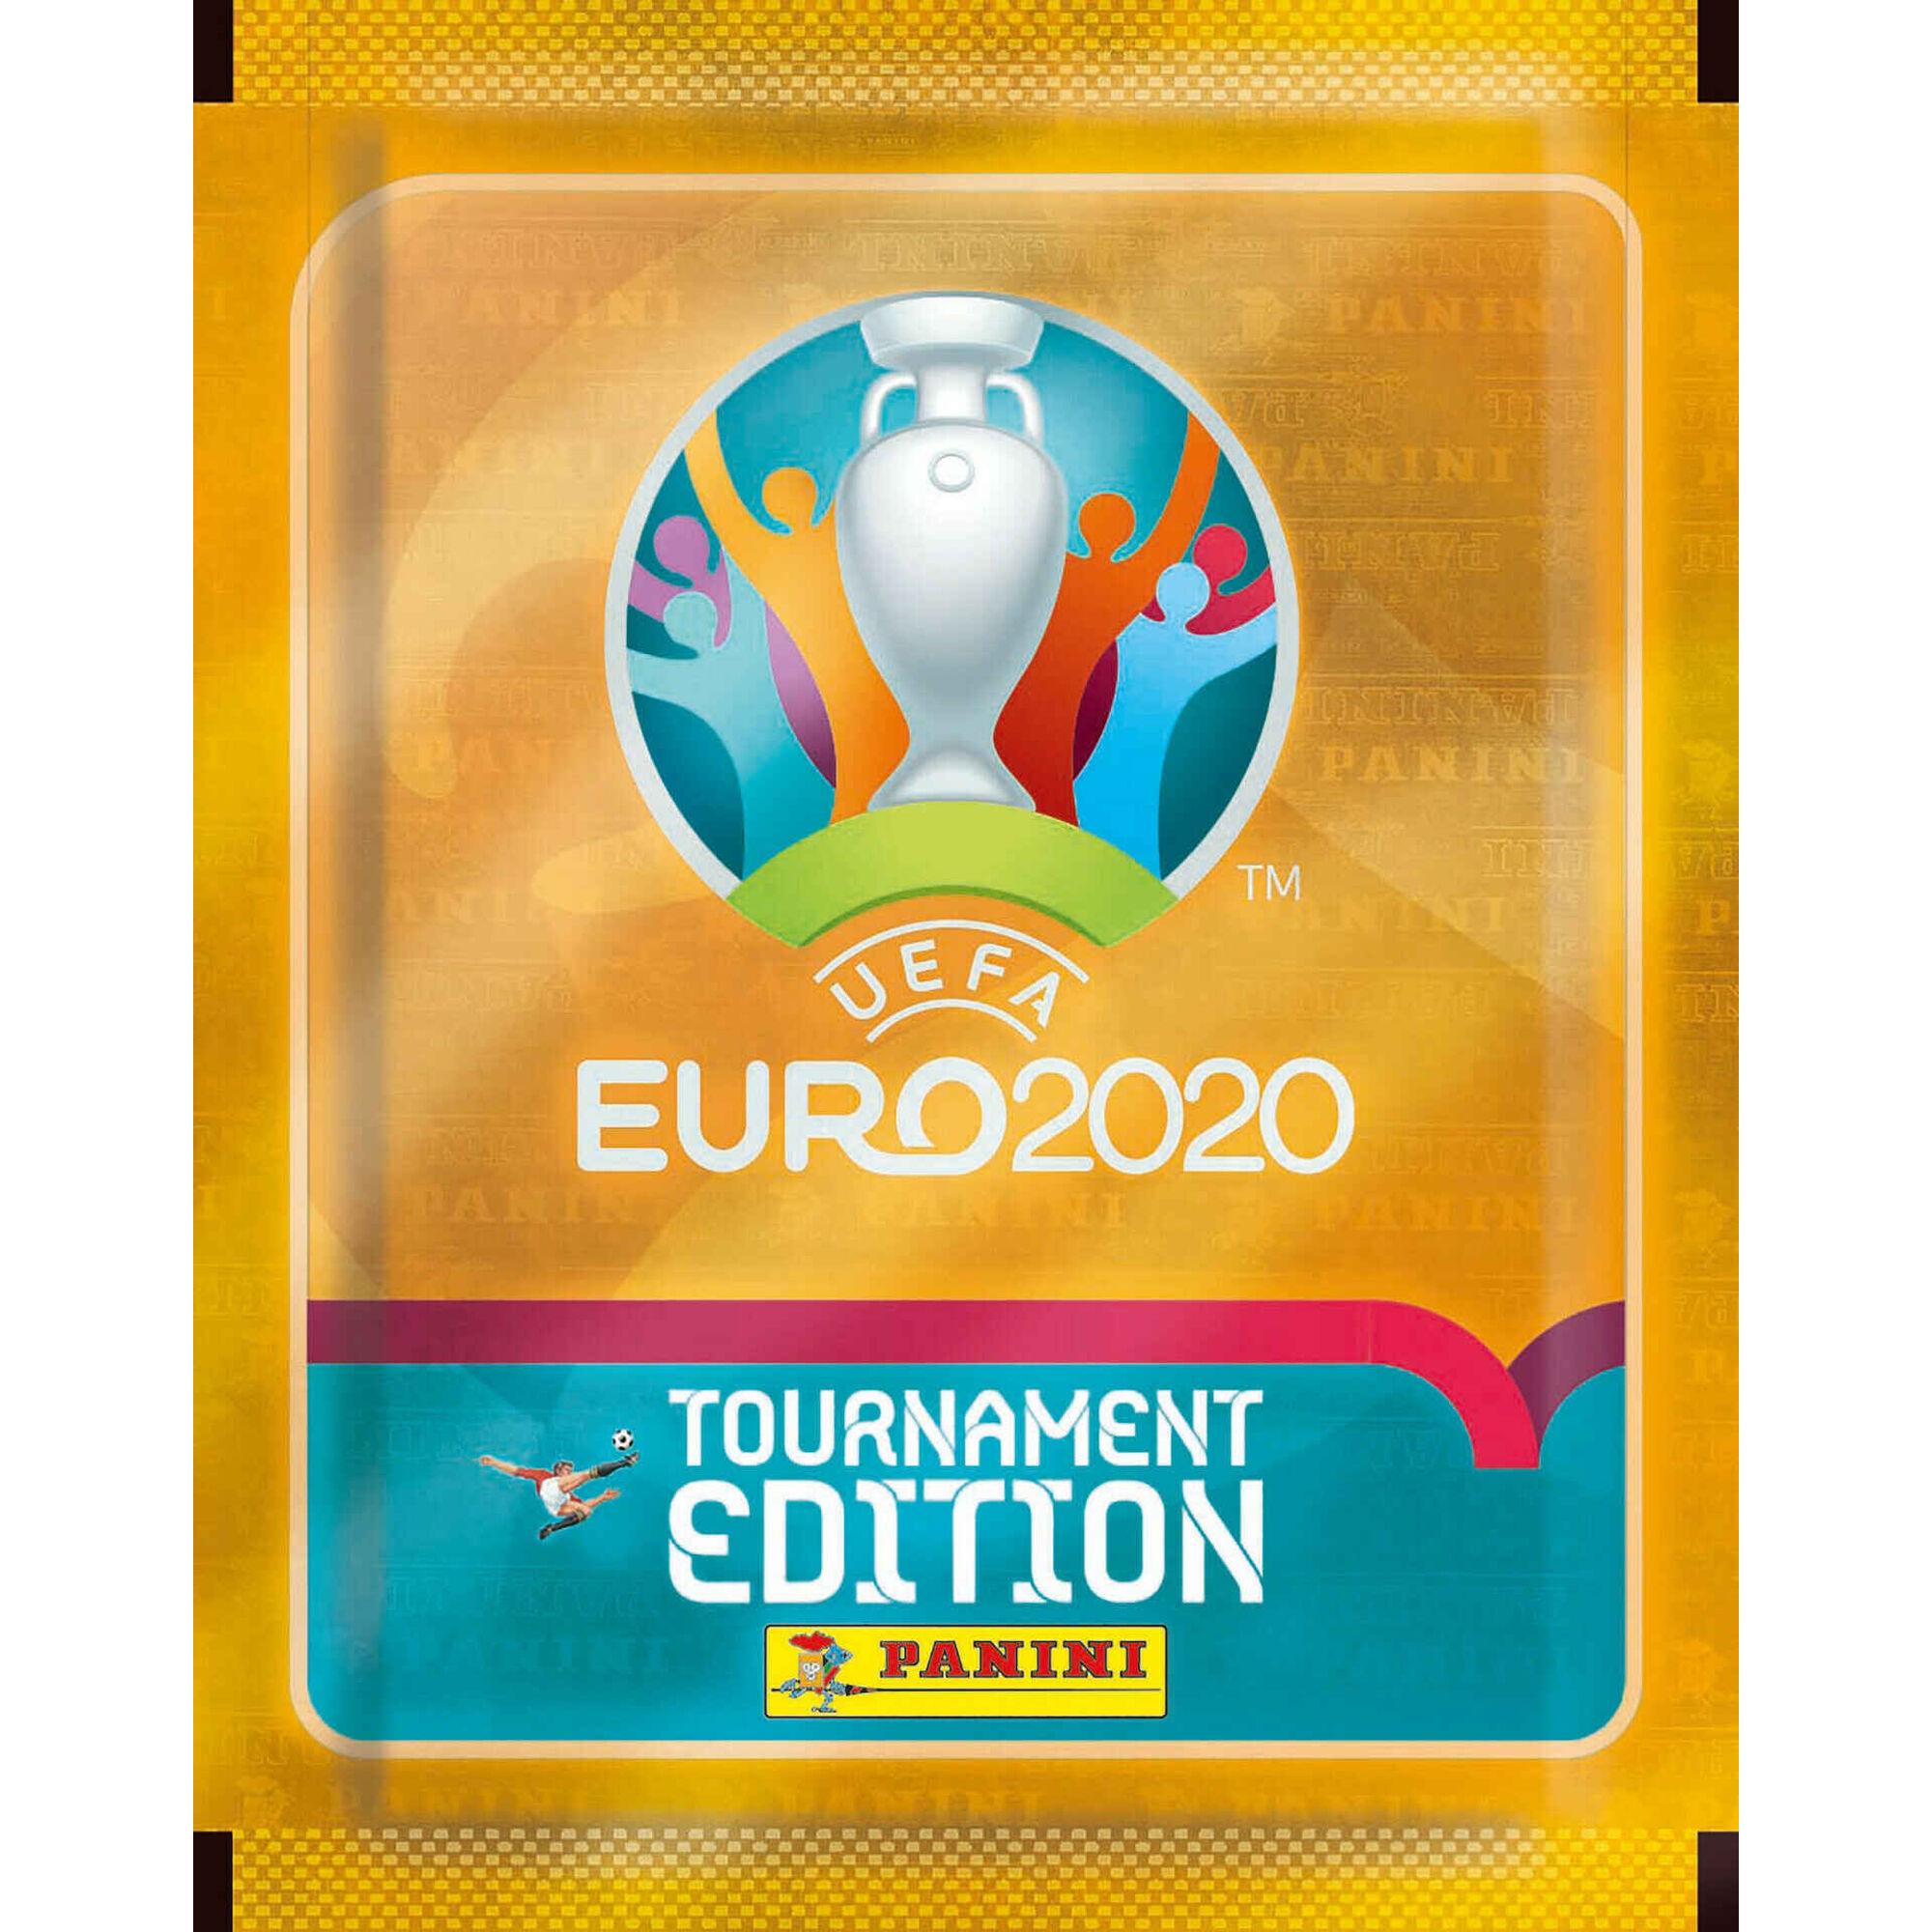 Saqueta de Cromos Futebol Euro 2020